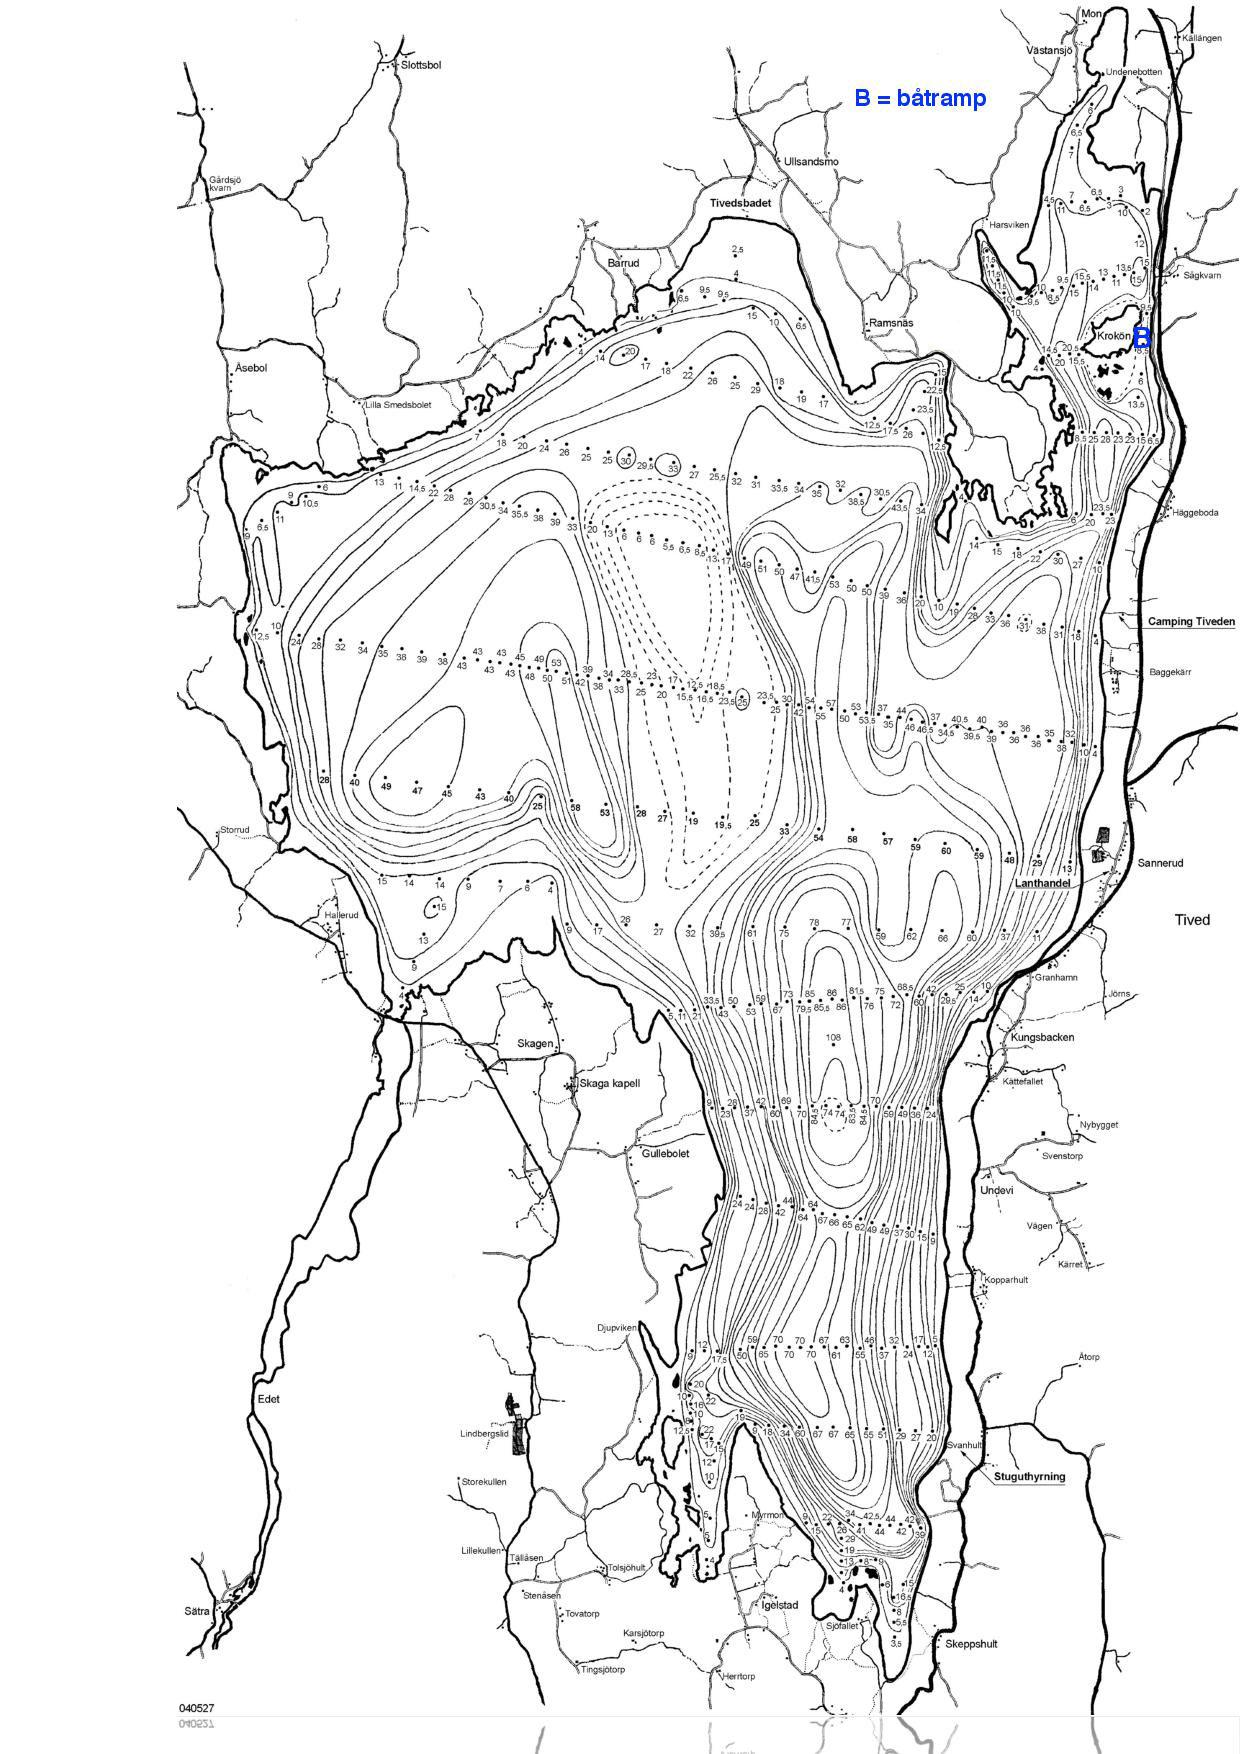 http://www.skaraborgsfiske.se/uploads/unden/unden_djupkarta.jpg